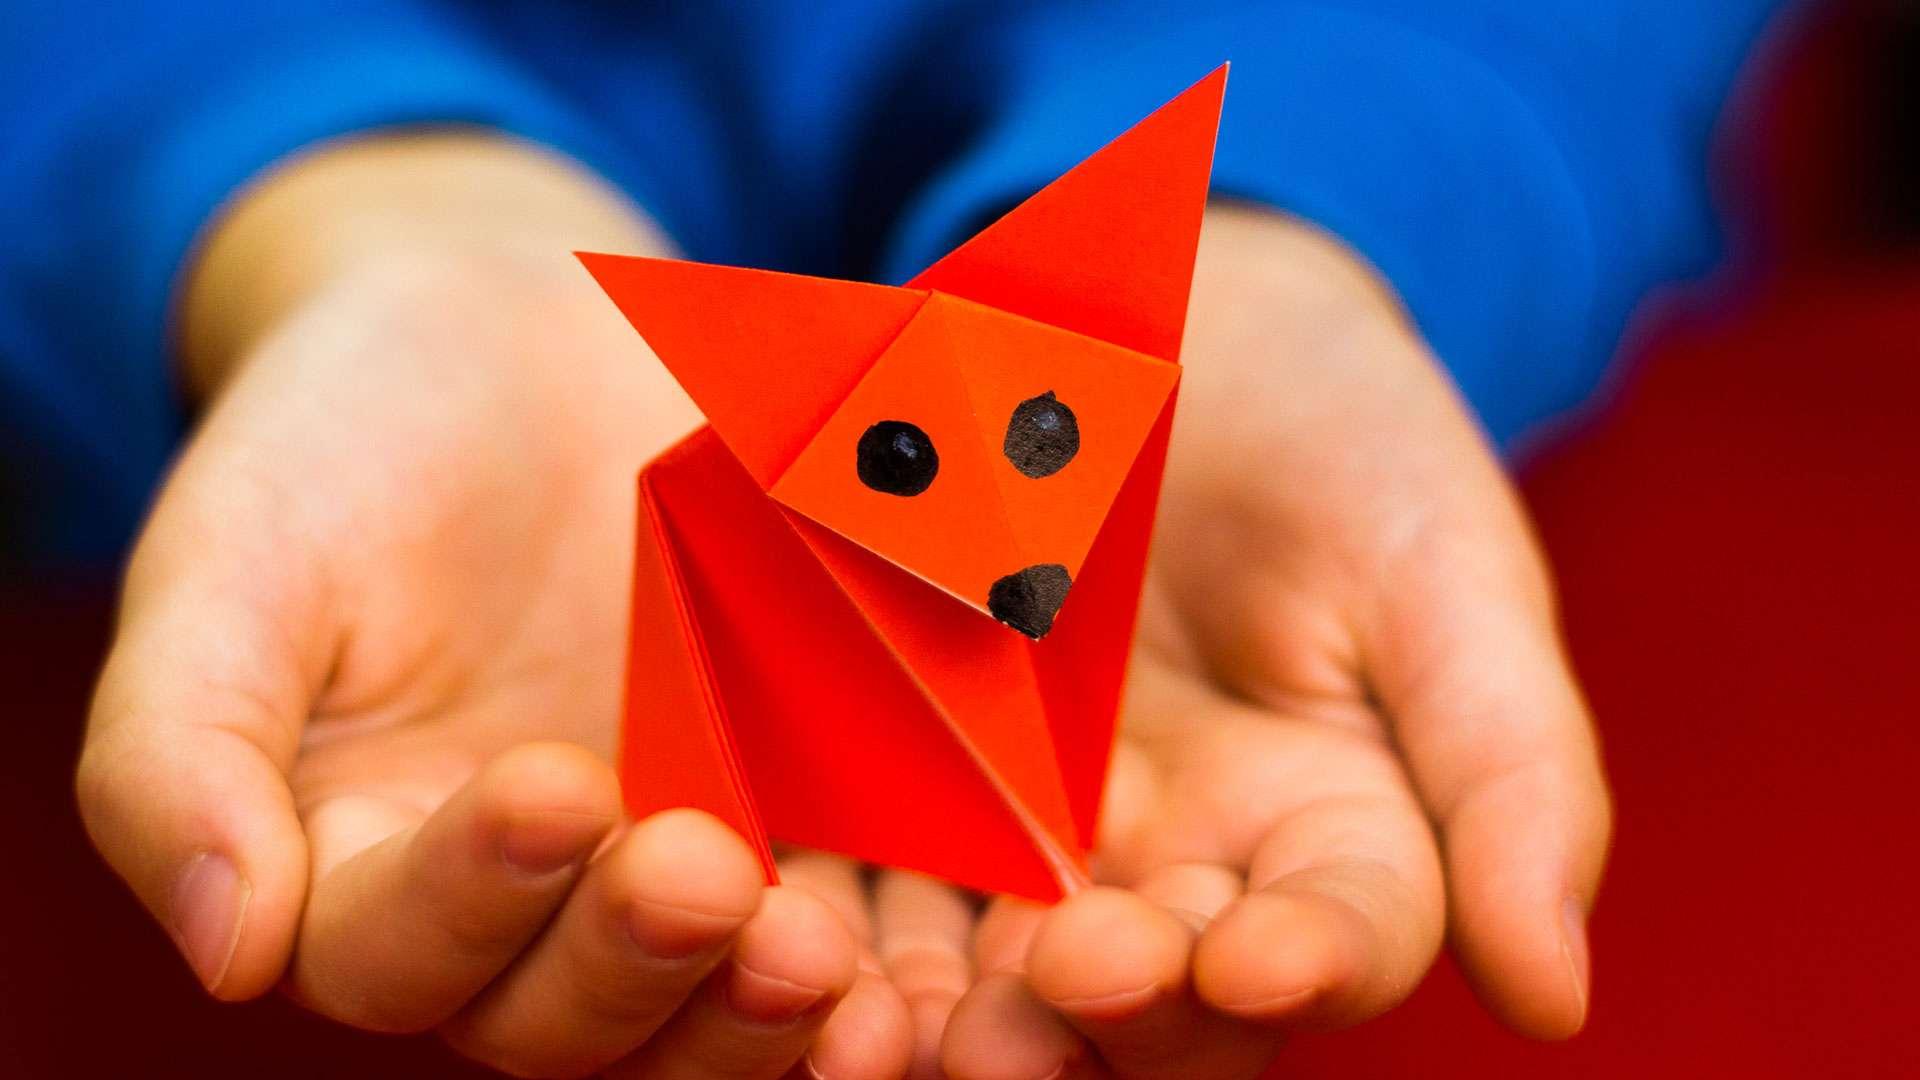 Ebook viet download origami tieng